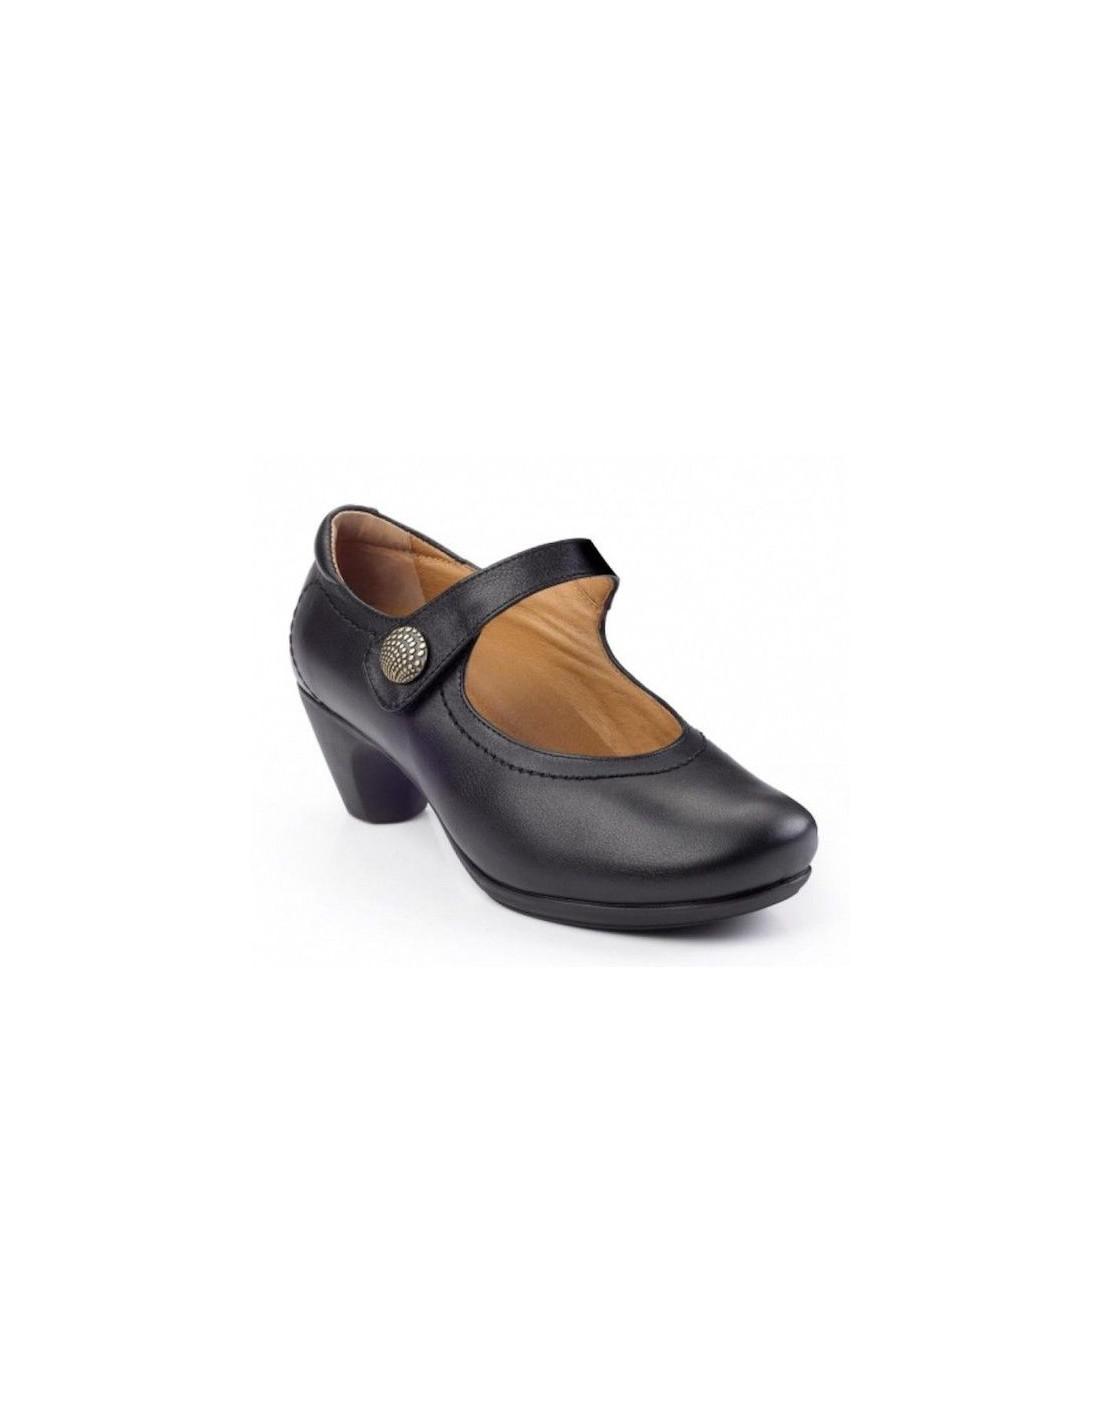 35c1ded13 Zapatos ortopédicos para mujer muy cómodos para pies sensibles ...